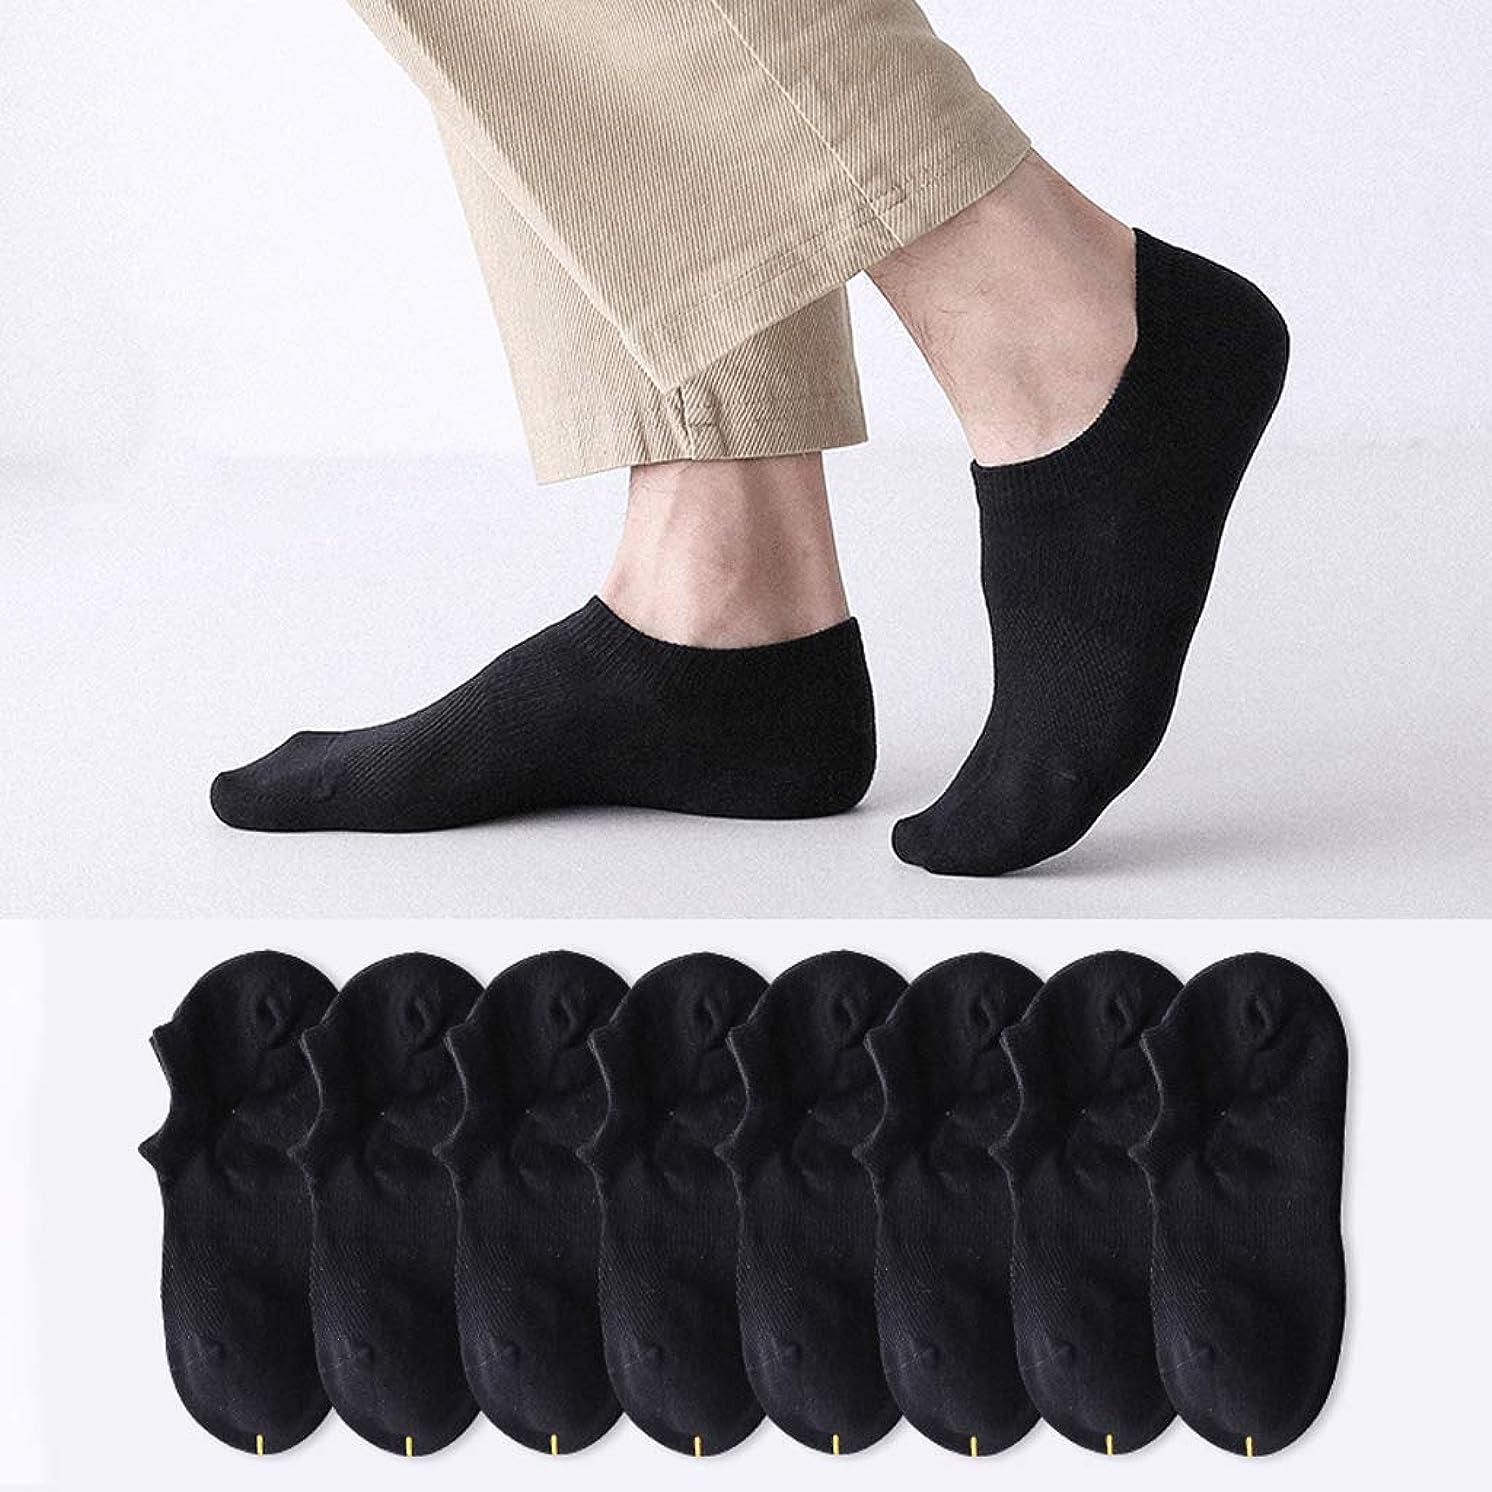 涙実質的に熟達靴下メンズローカットアンクルソックス8ペアコンフォートクッションランニングソックススニーカーアスレチックスポーツソックスクォーターソックスコットンドレスソックス吸湿性4シーズン